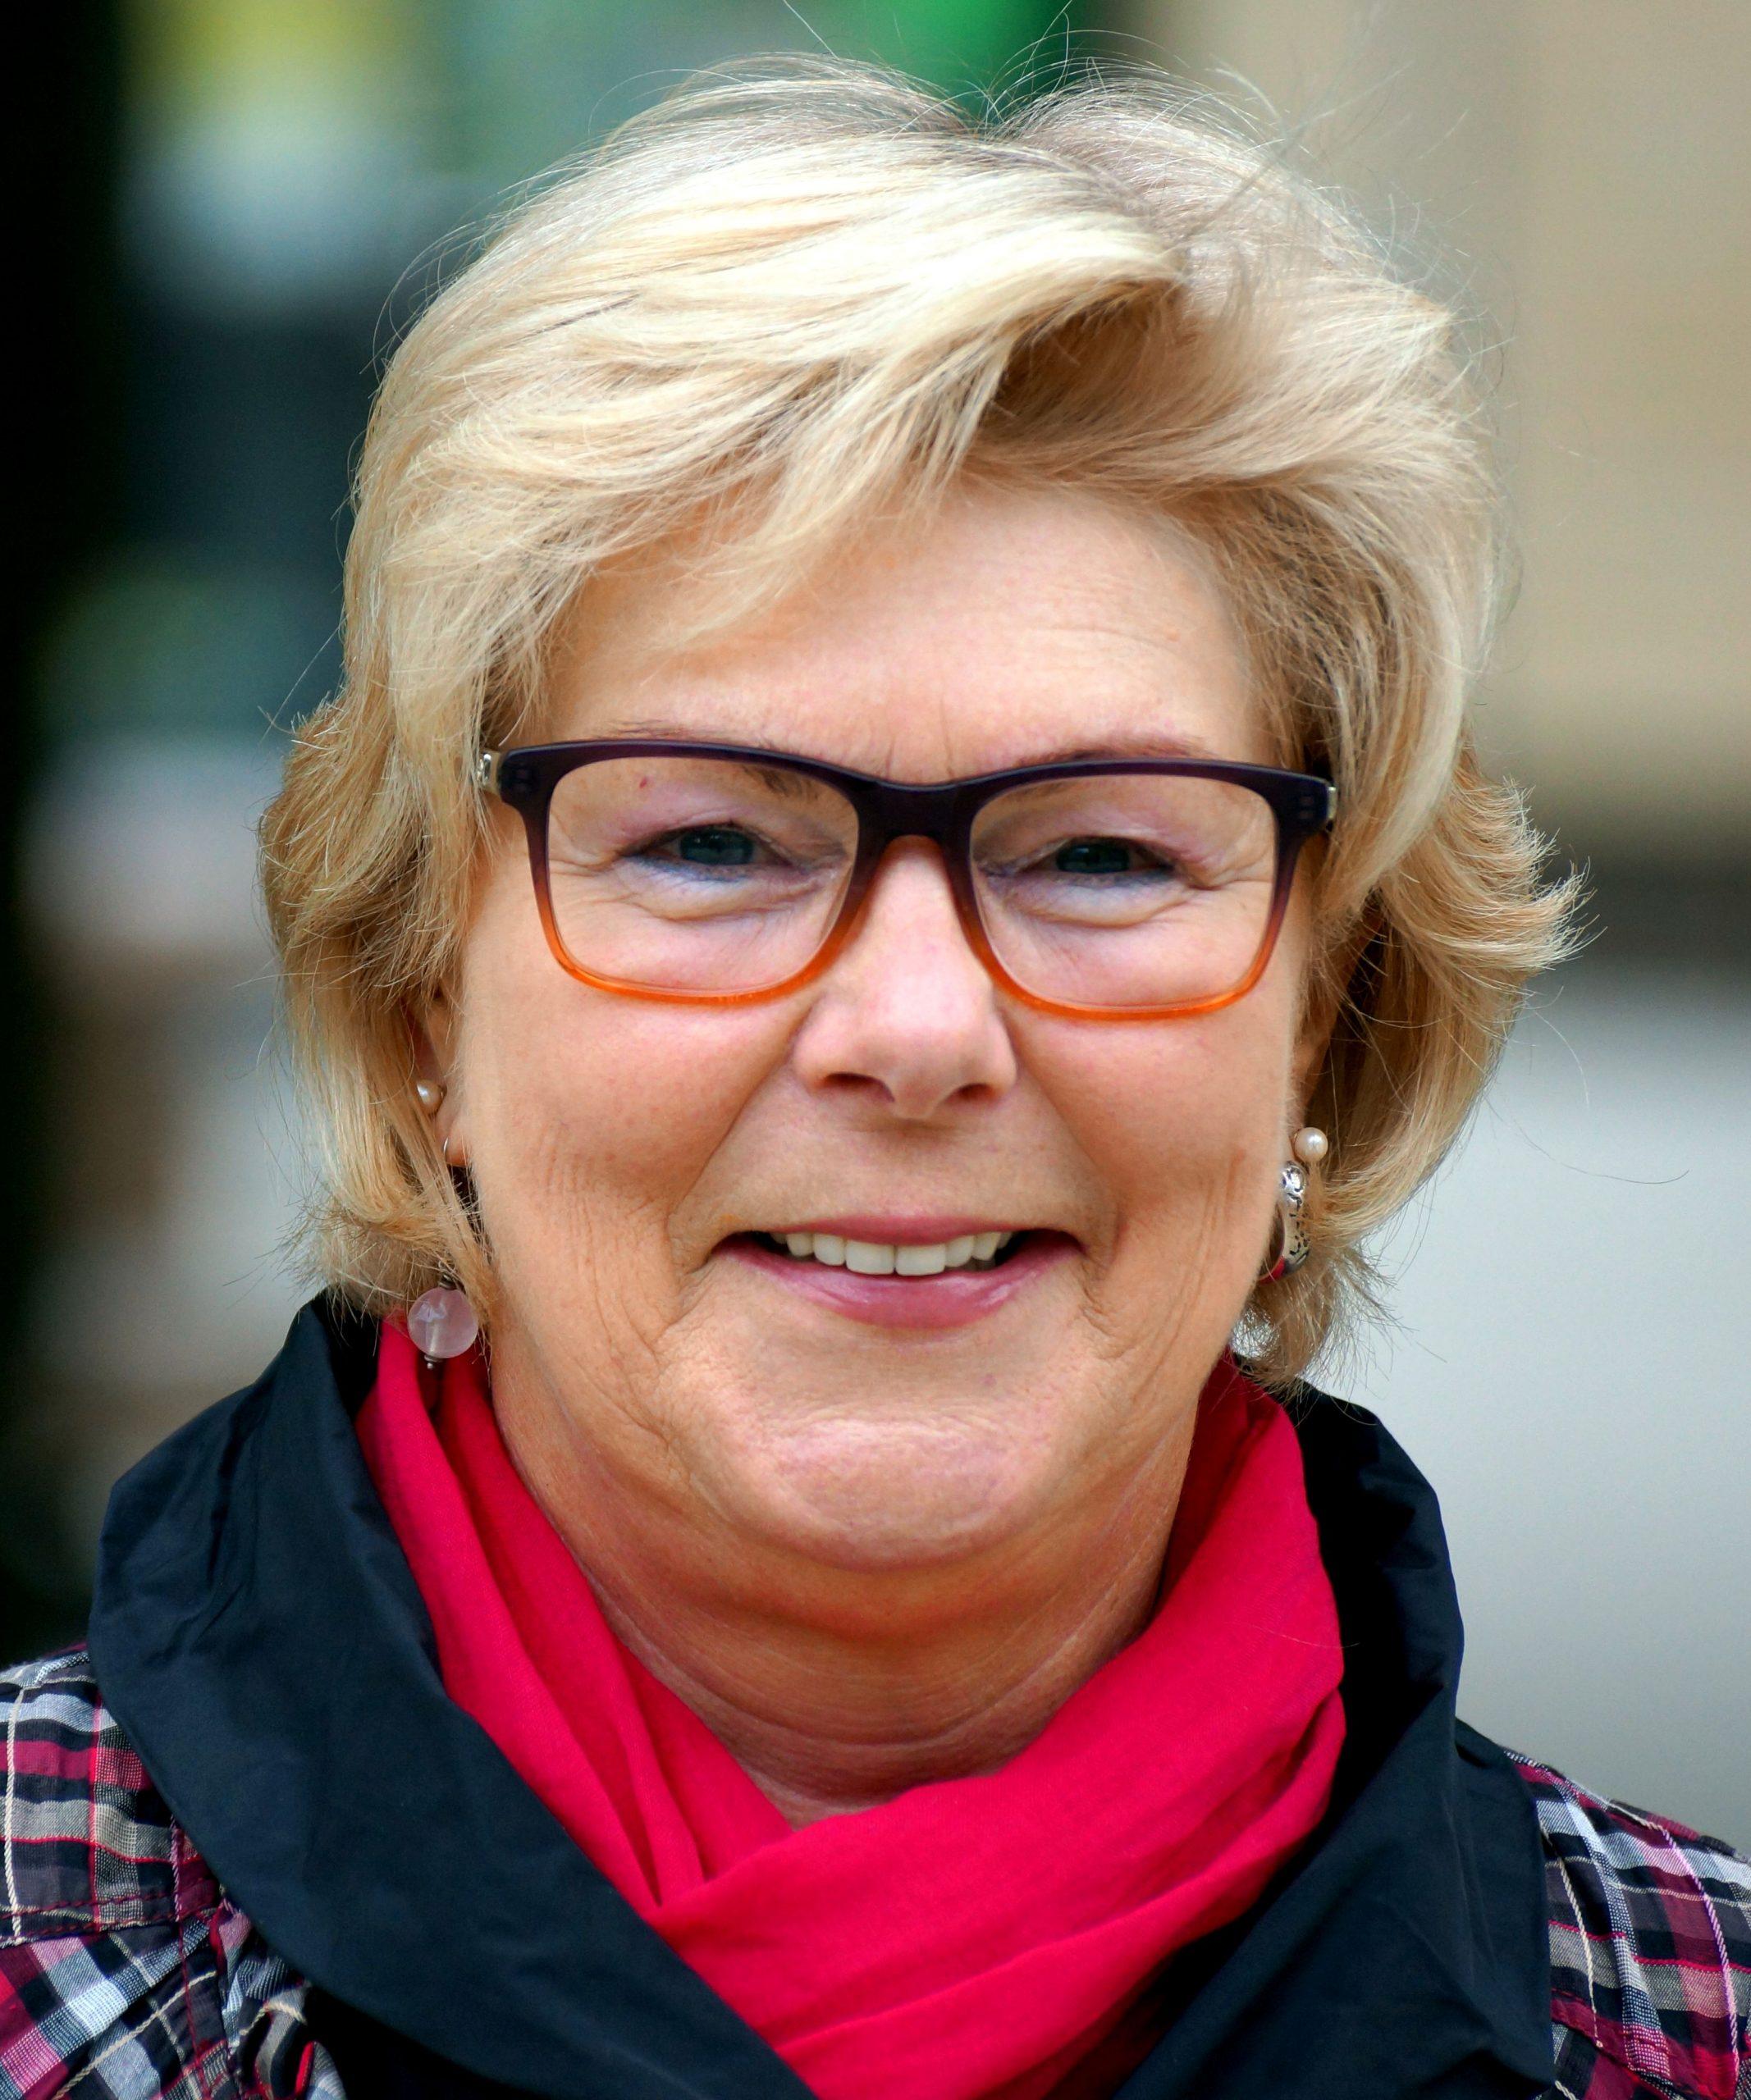 Marlitt Köhnke